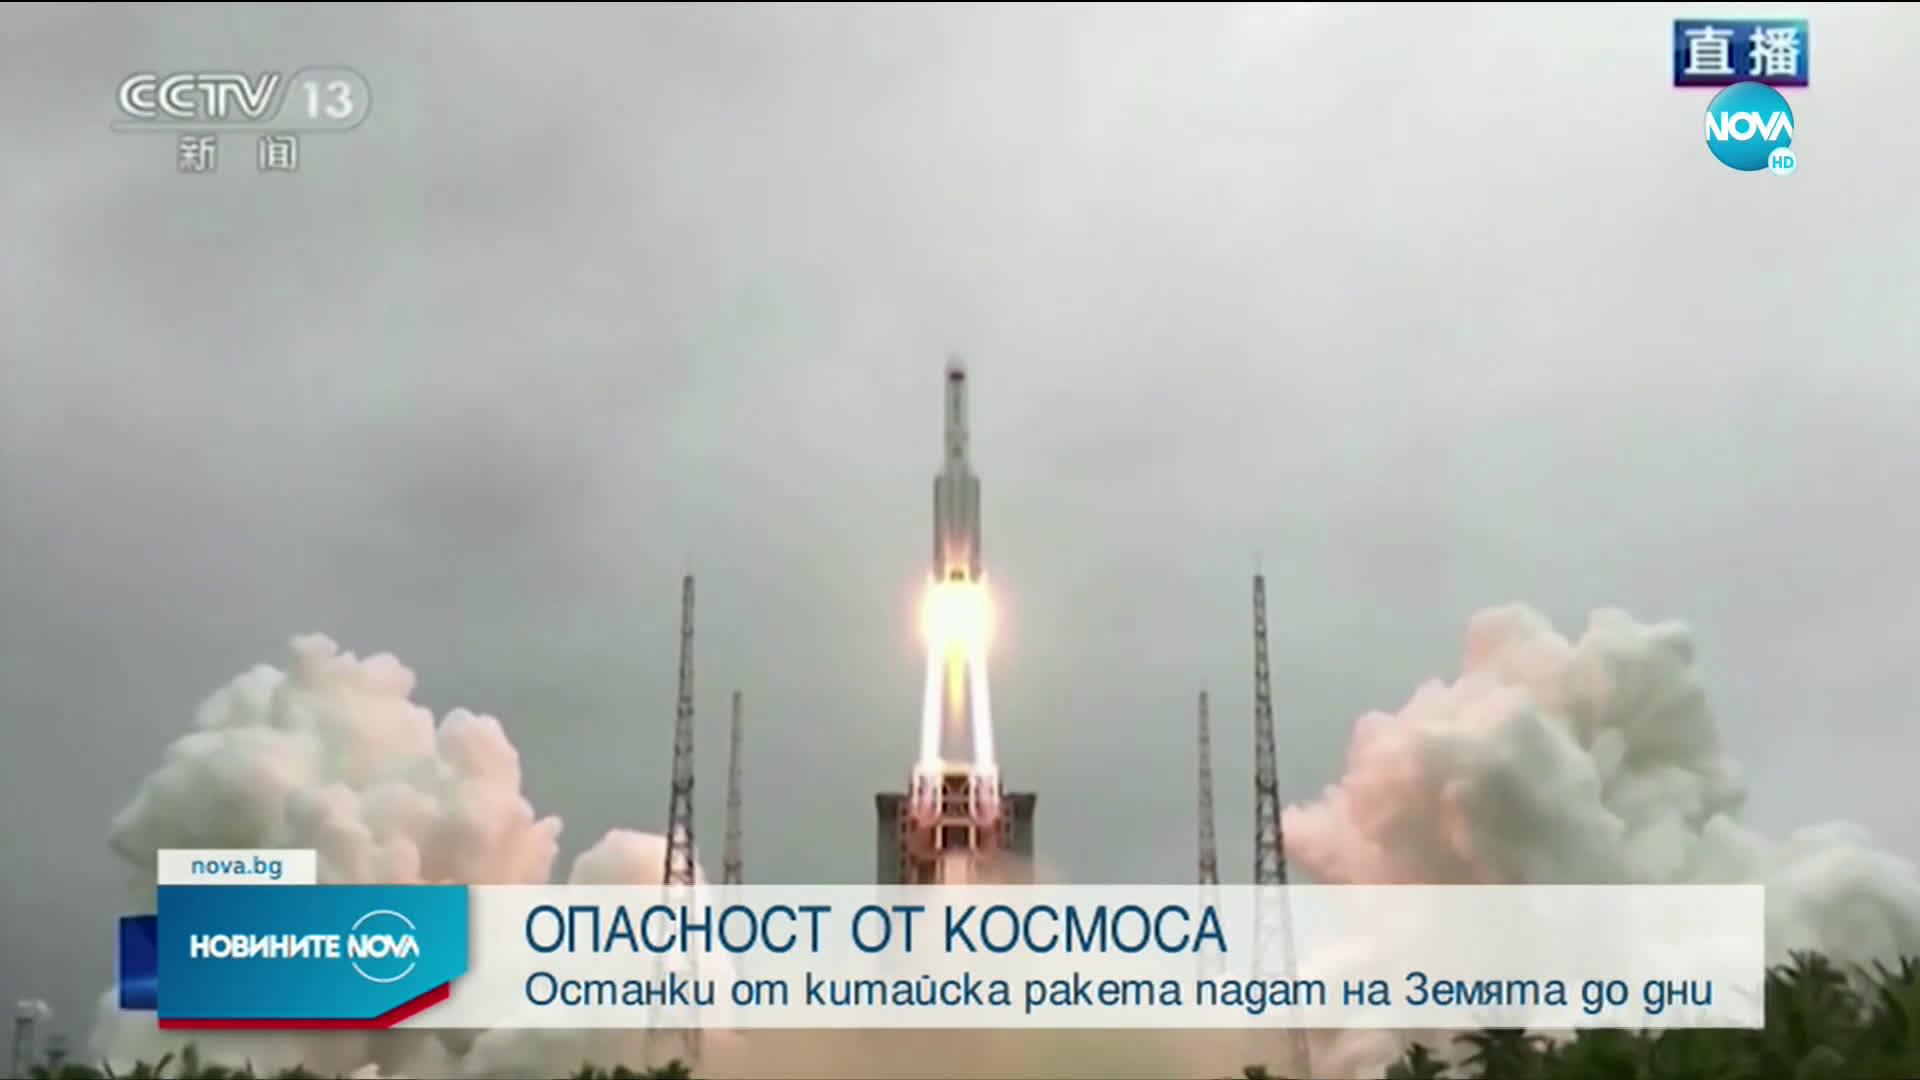 Останки от китайска ракета падат на Земята до дни